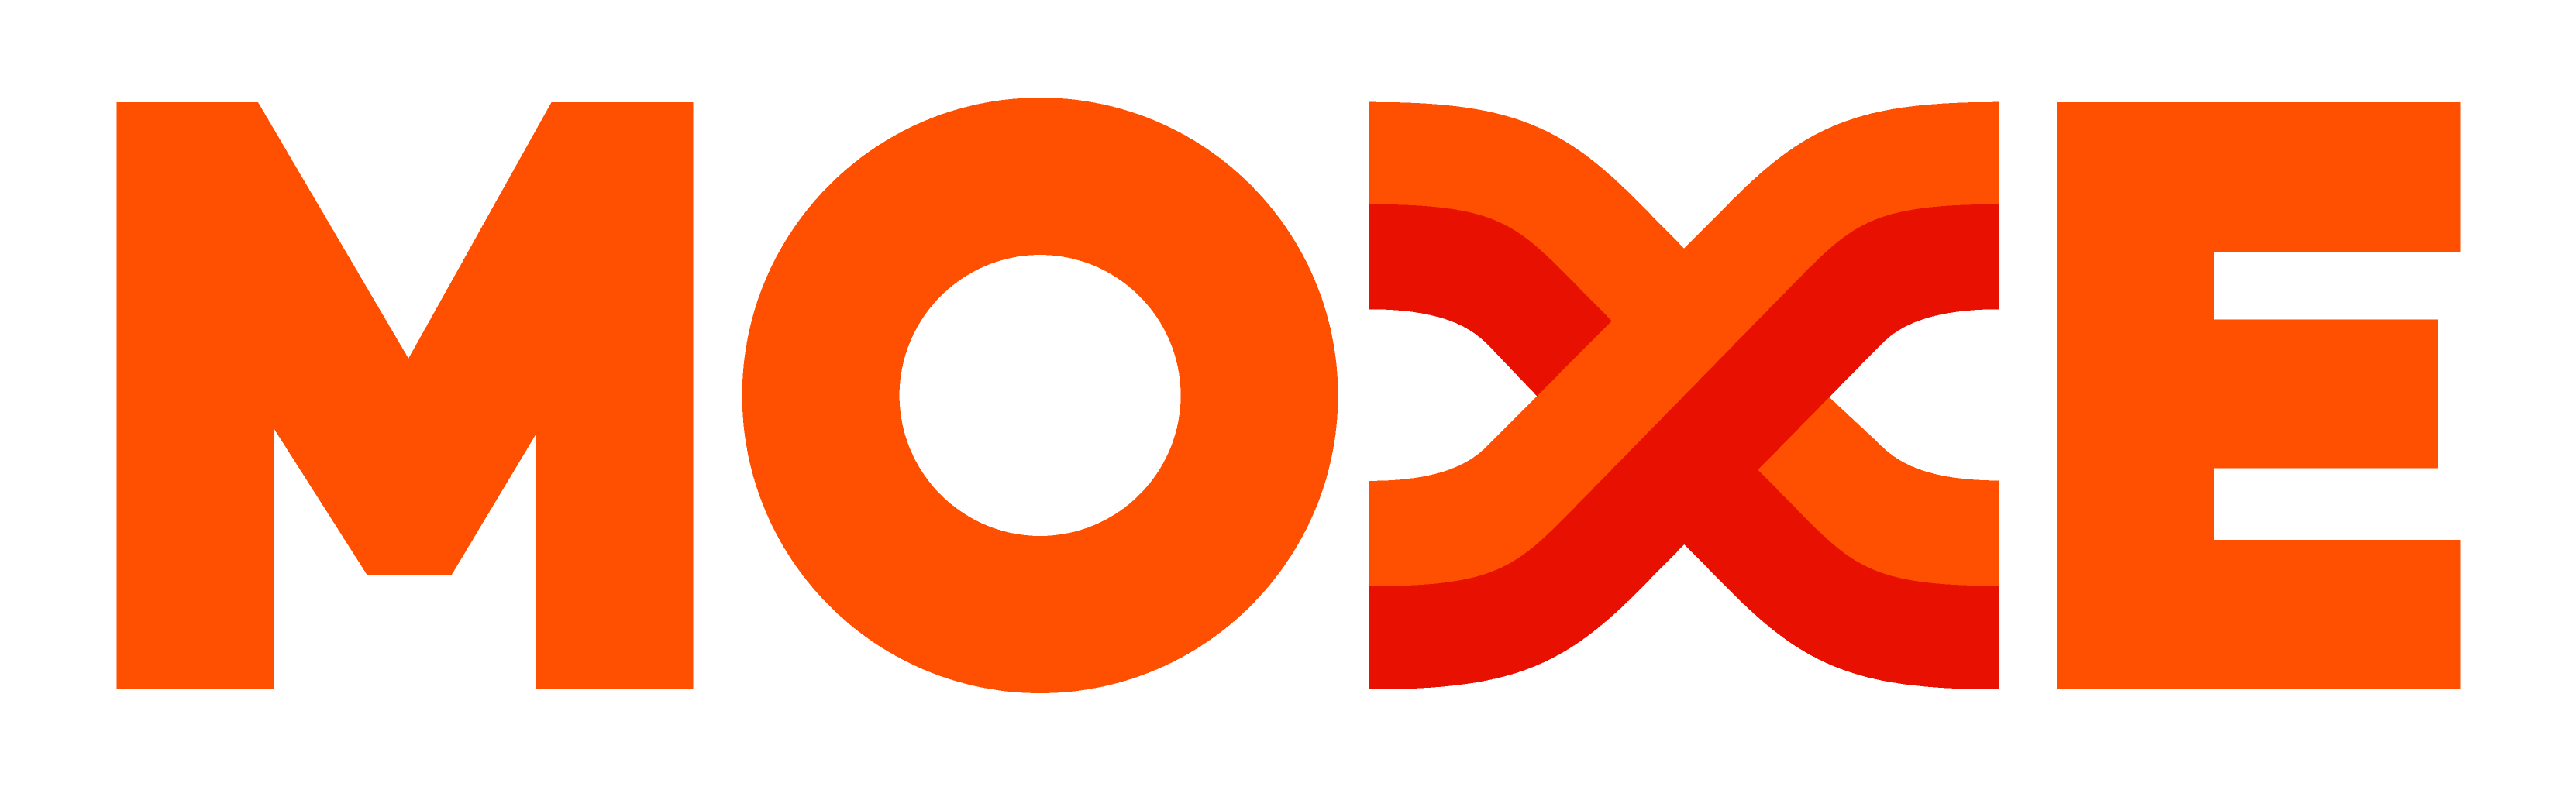 Moxe Health logo